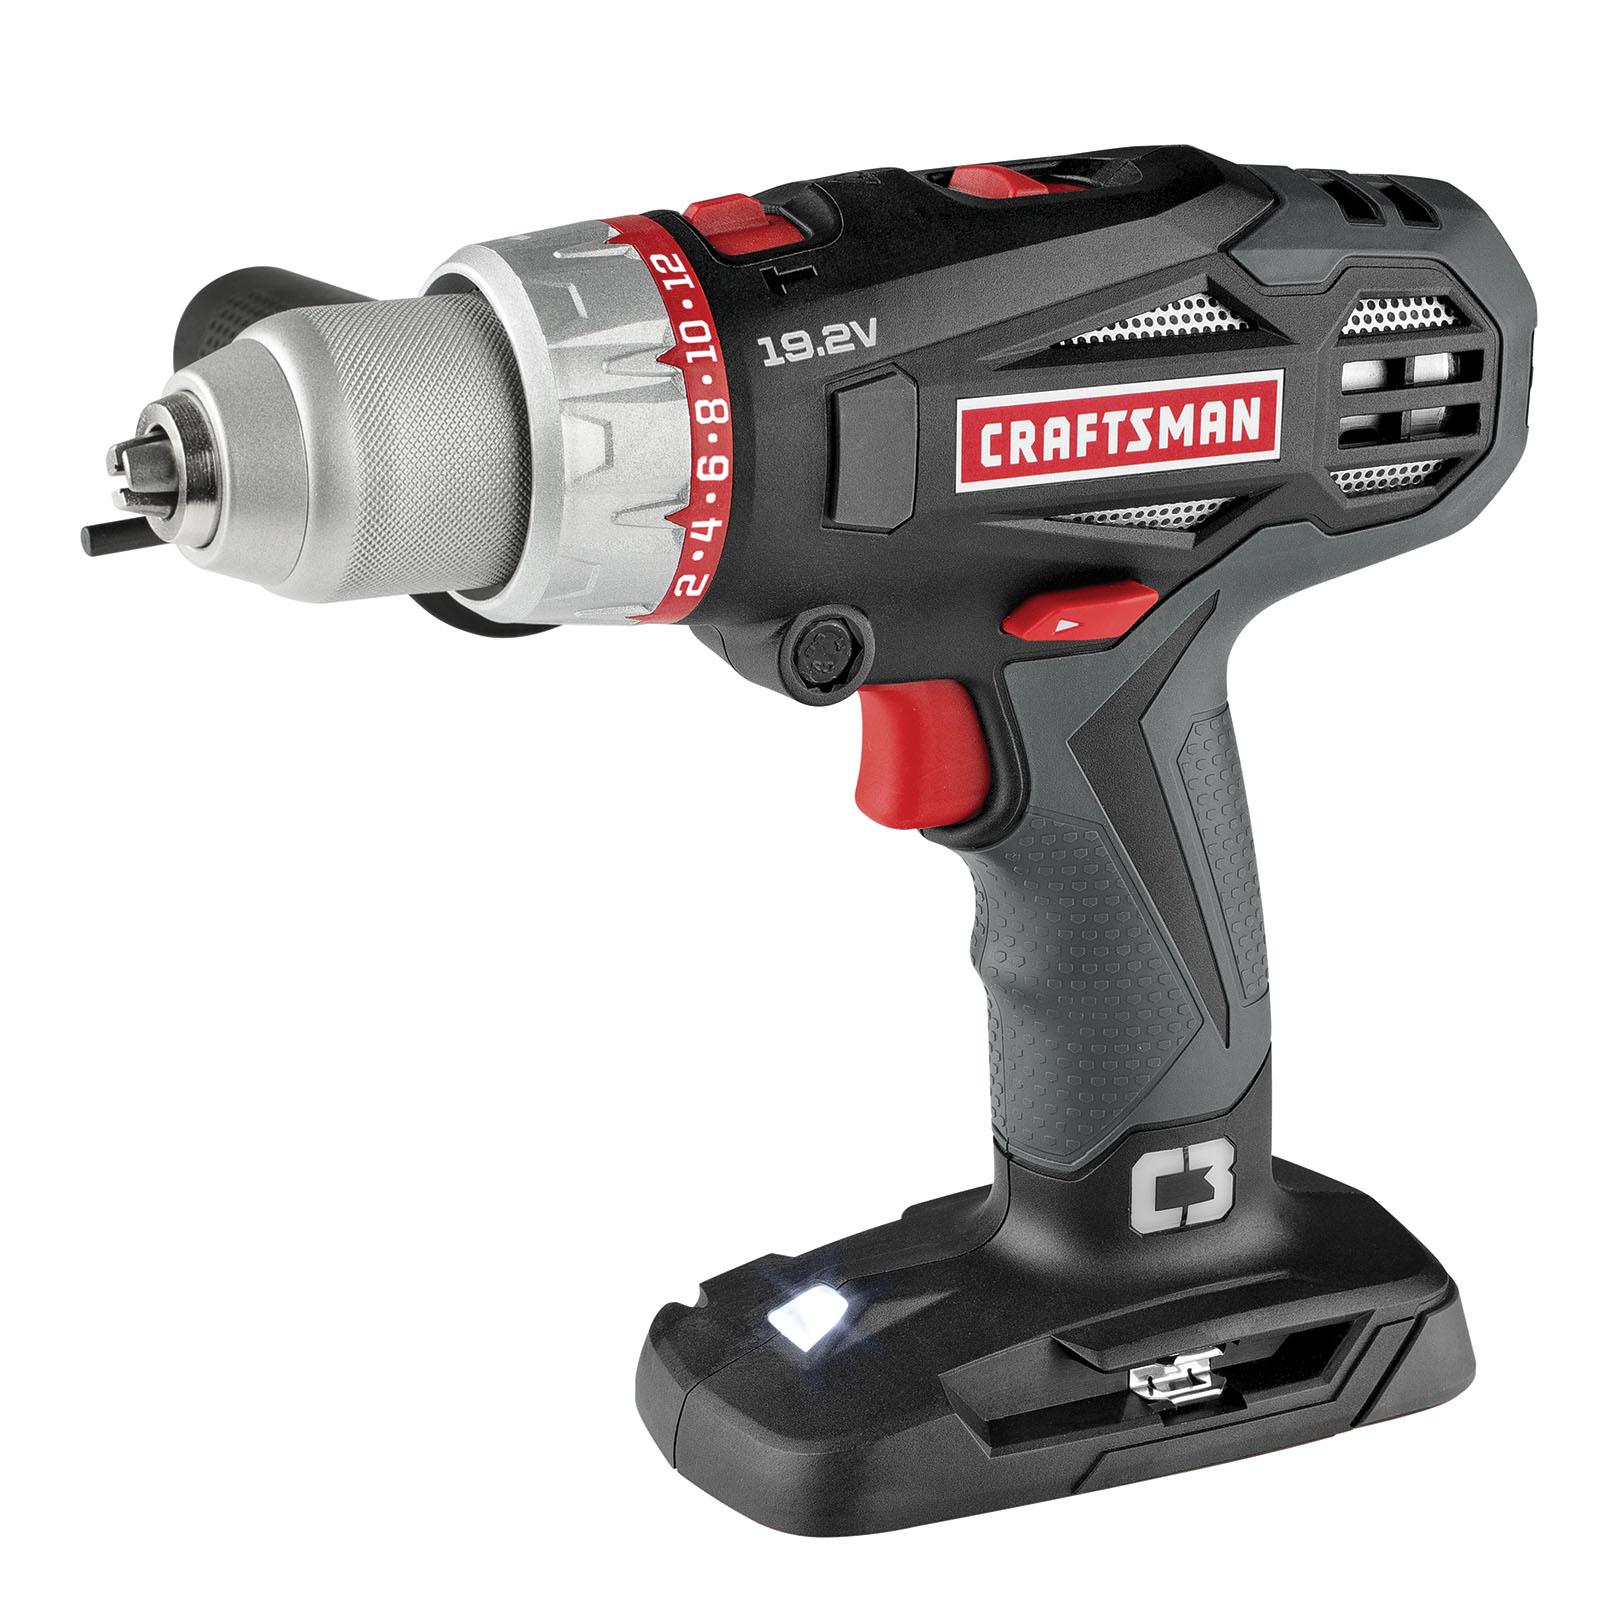 Craftsman C3 19.2-volt 1/2-inch 2-Speed Hammer Drill